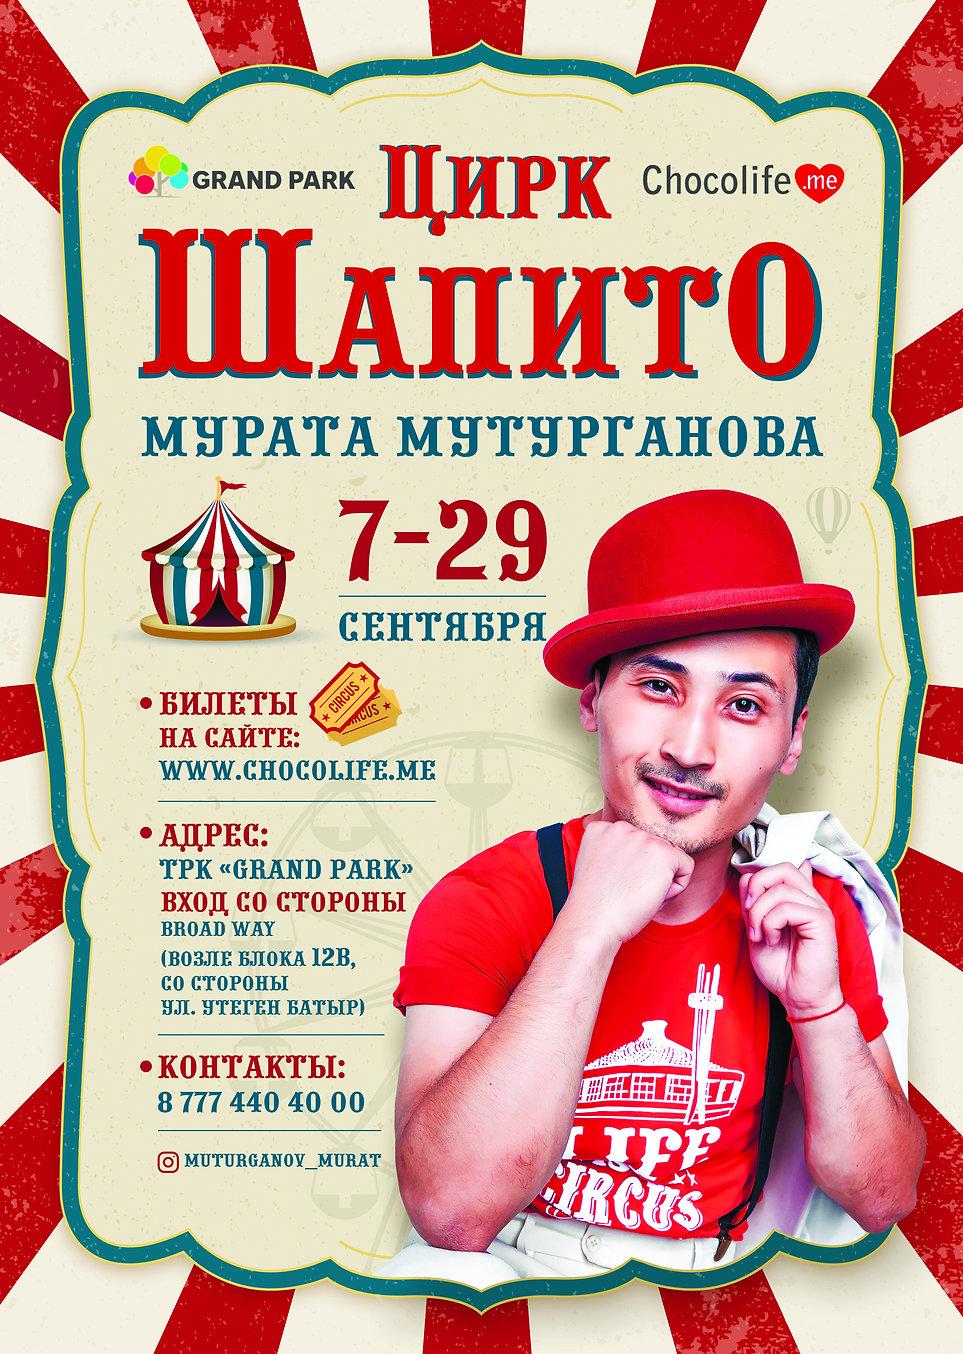 Цирк Шапито Мурата Мутурганова